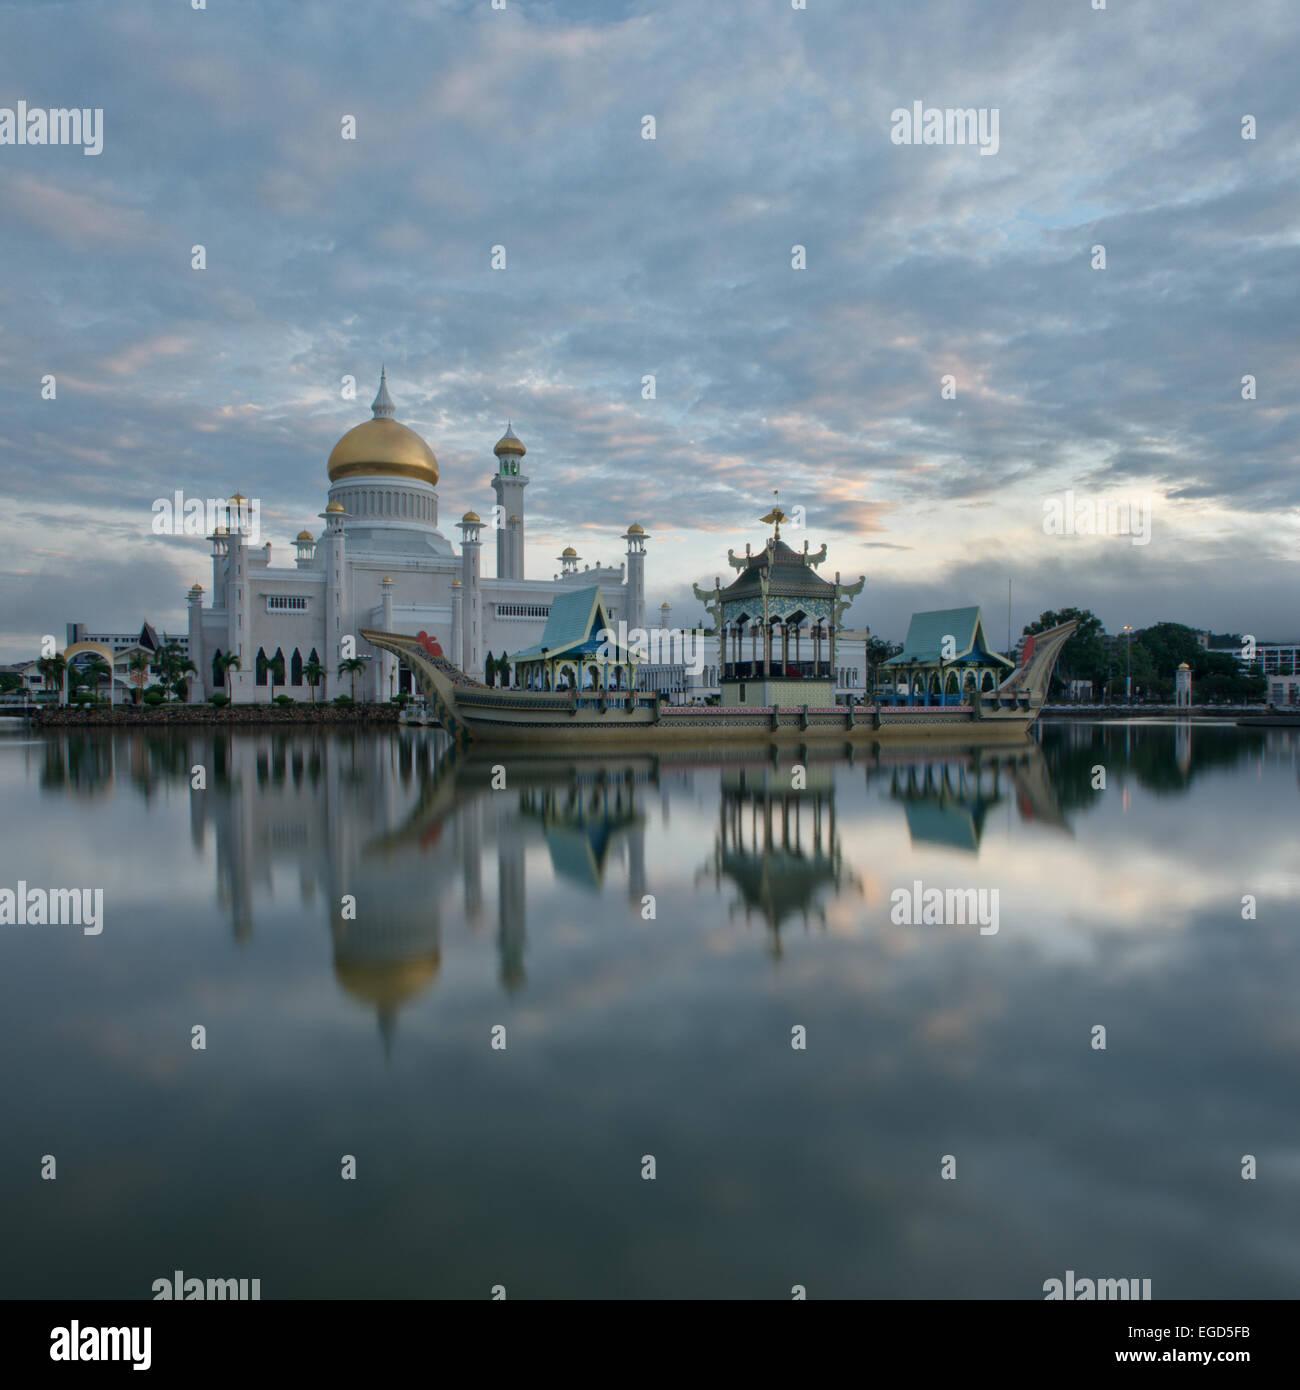 Il sultano Omar Ali Saifuddin Moschea, Bandar Seri Begawan, Brunei, Novembre 2013 Immagini Stock